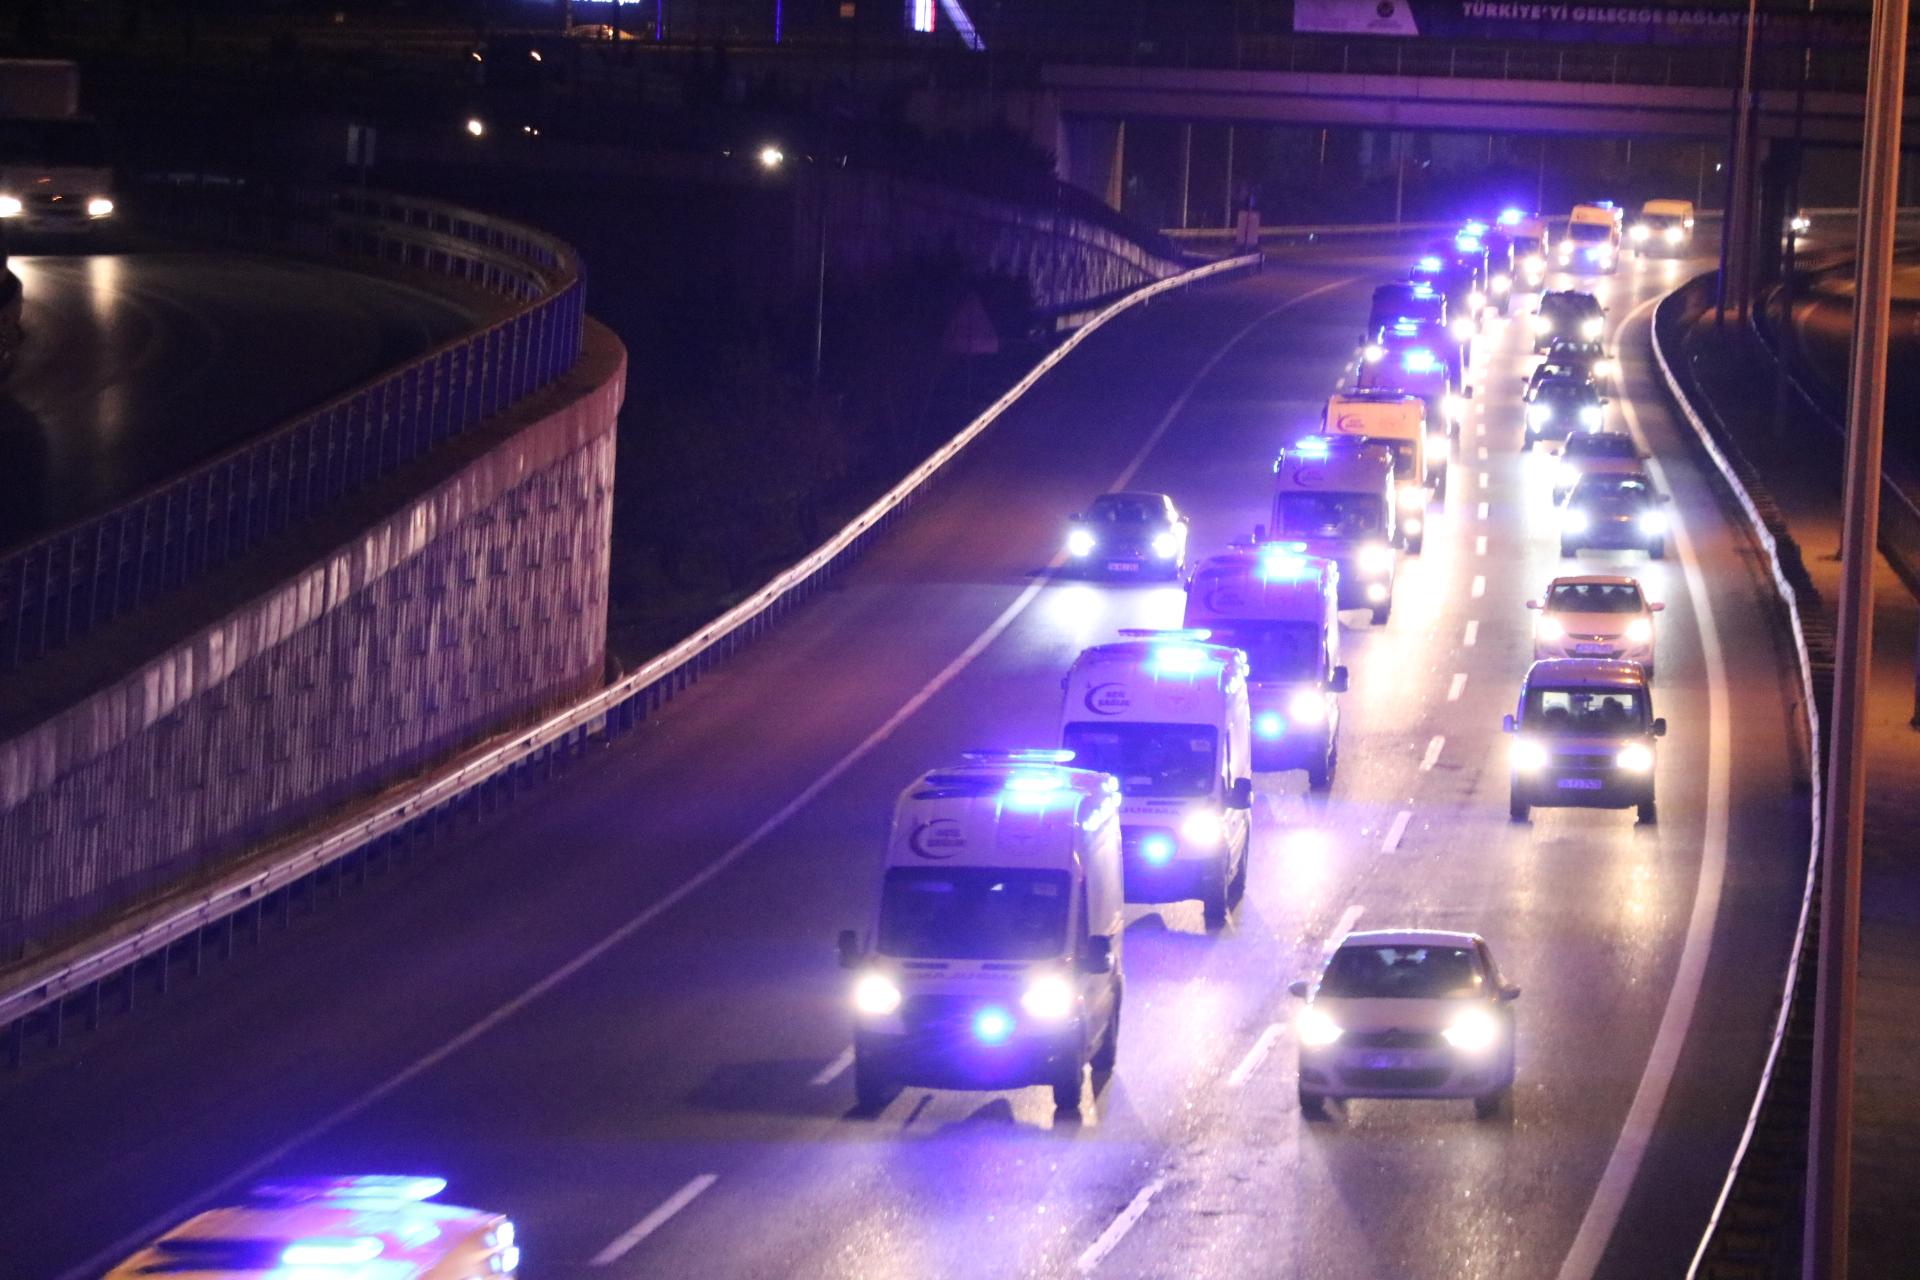 Sosyal medyada çok konuşuldu! Sirenlerle caddeleri inleten 61 ambulans İstanbul'a geldi